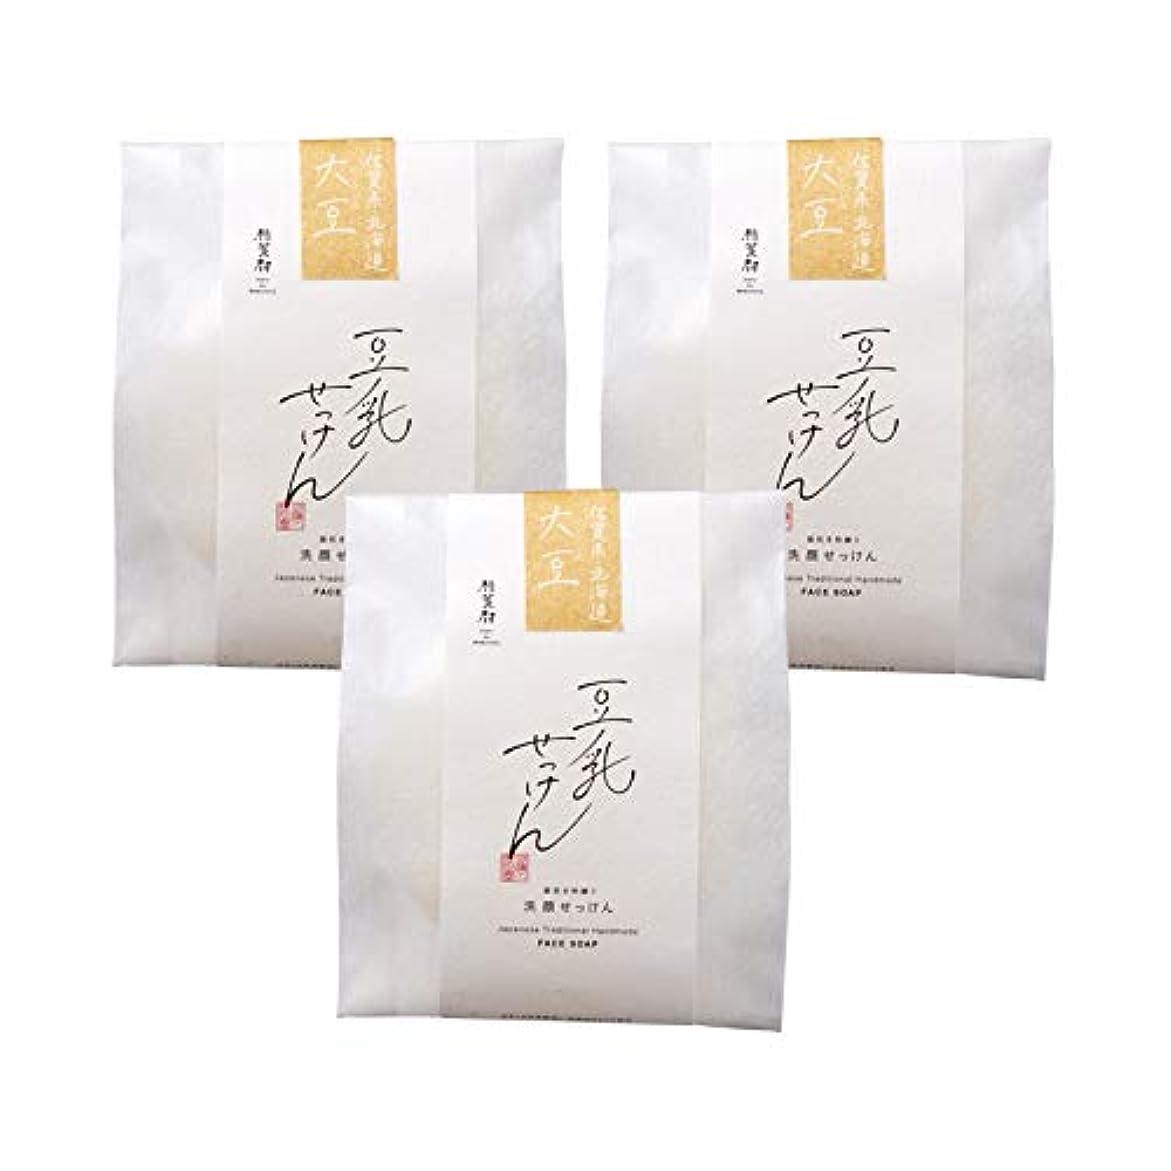 買い物に行く危険なトムオードリース豆腐の盛田屋 豆乳せっけん 自然生活 100g×3個セット